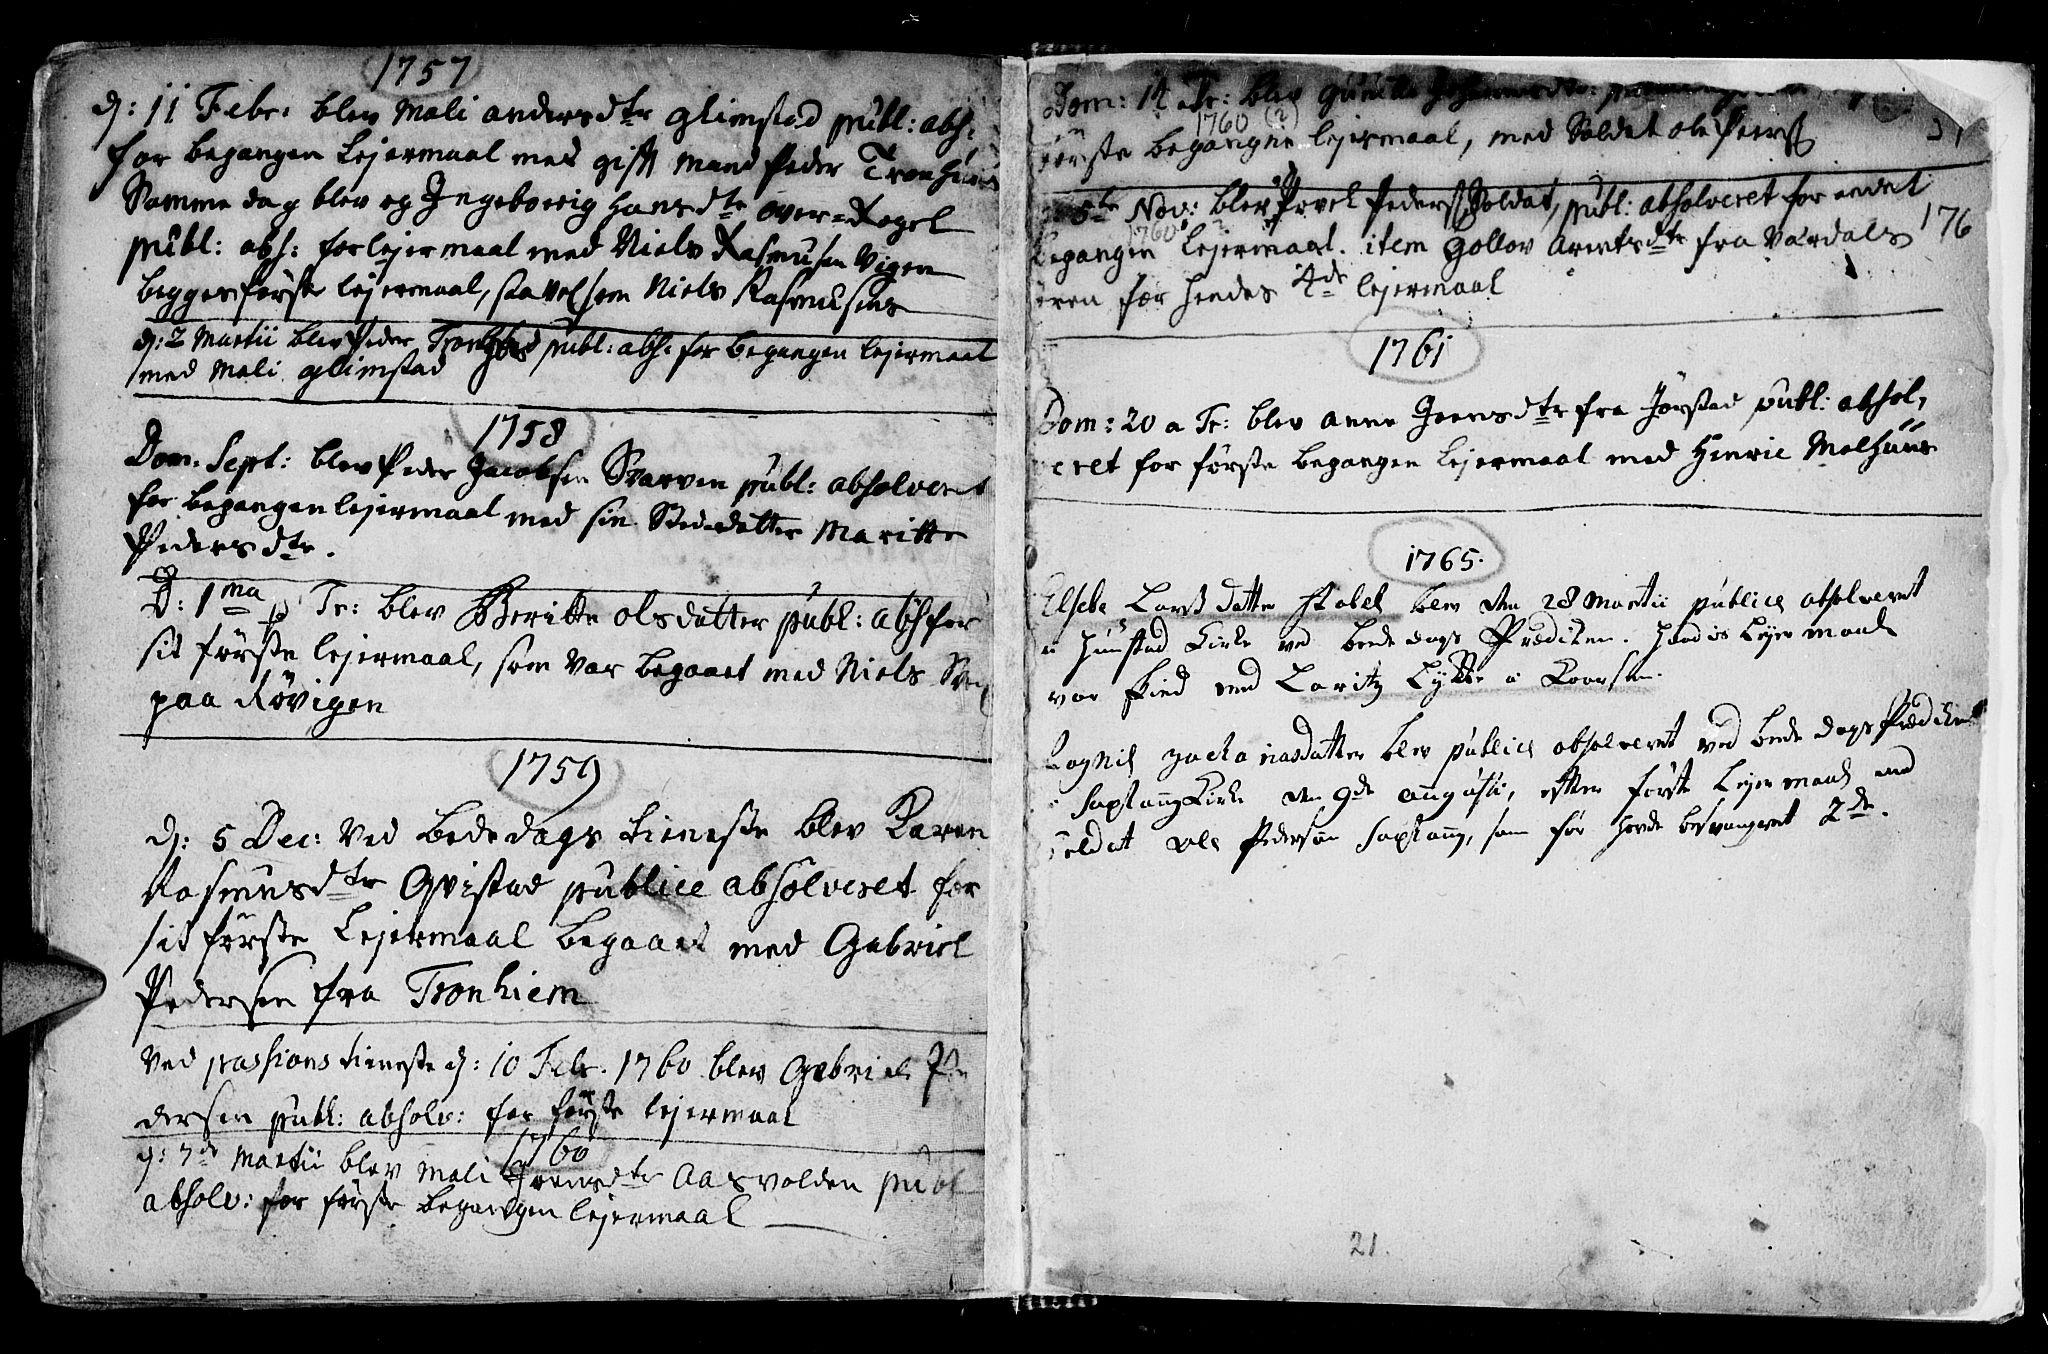 SAT, Ministerialprotokoller, klokkerbøker og fødselsregistre - Nord-Trøndelag, 730/L0272: Ministerialbok nr. 730A01, 1733-1764, s. 176